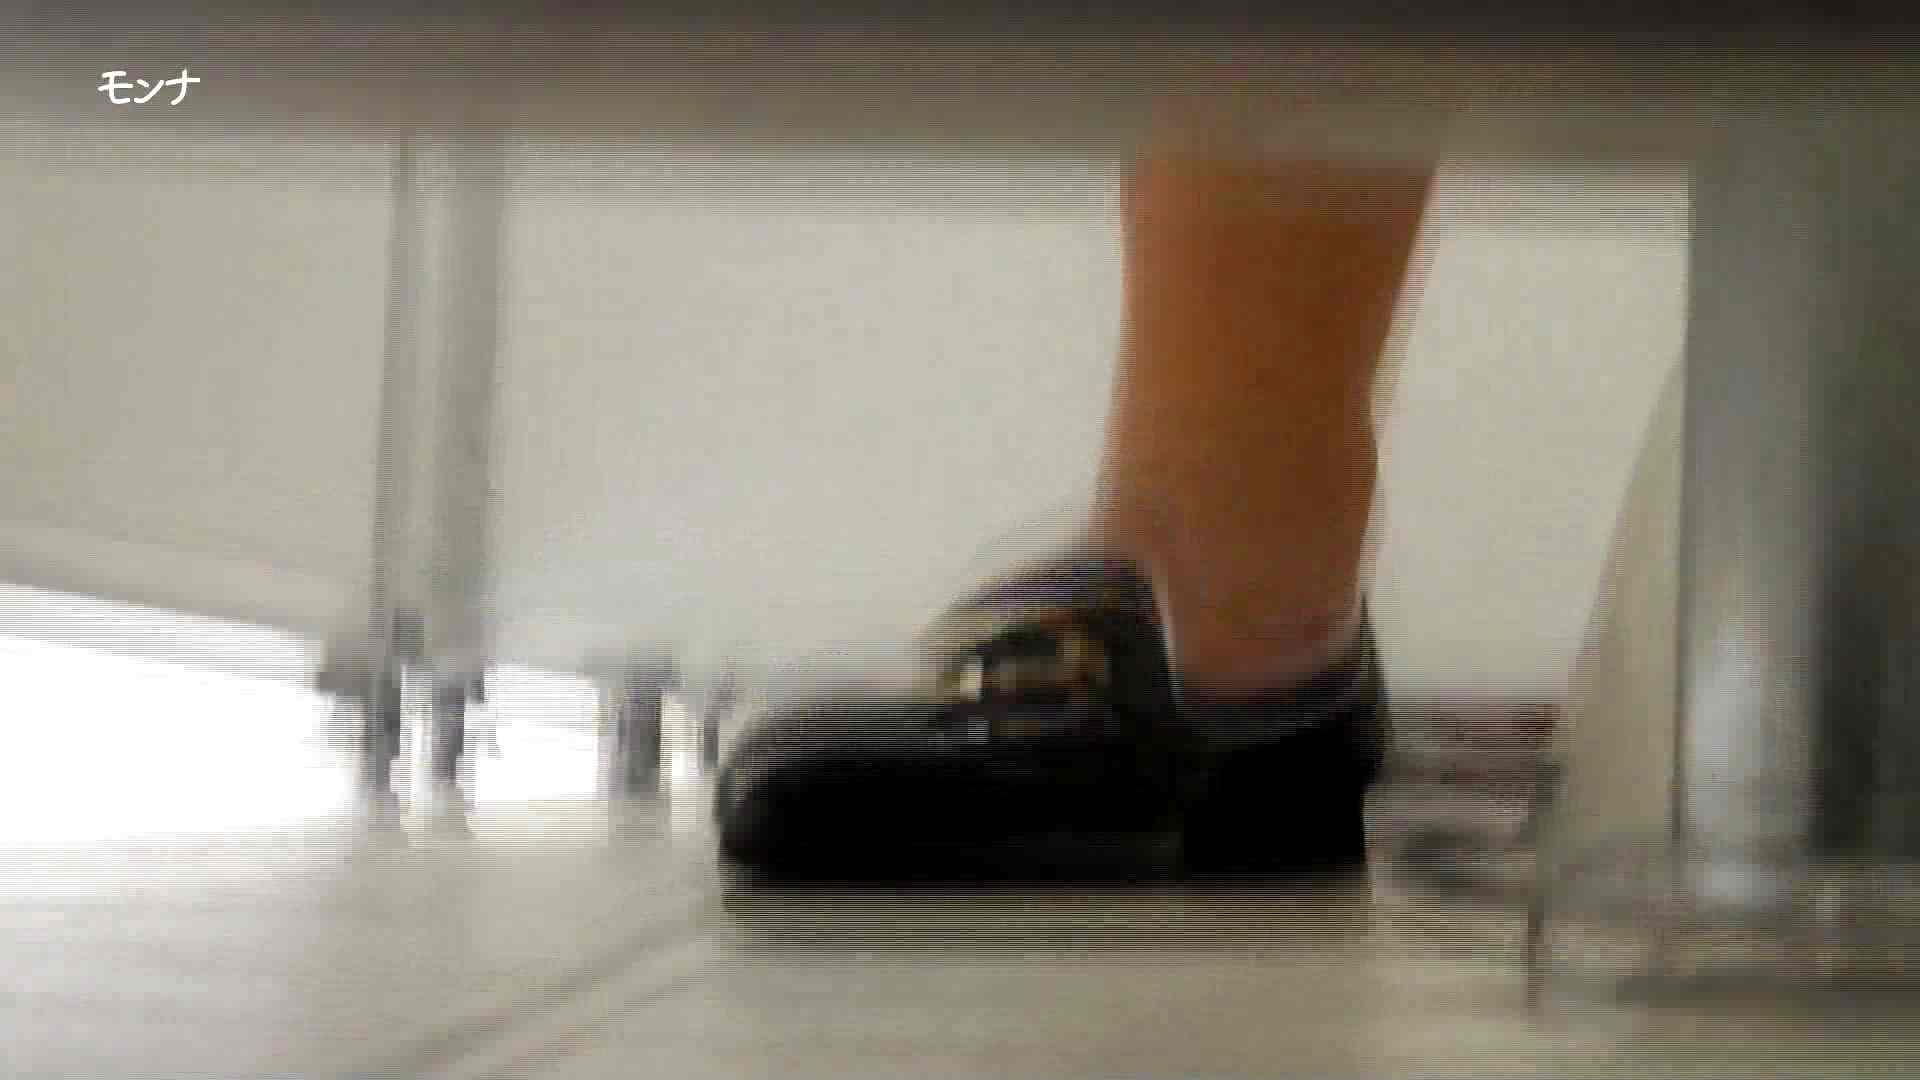 【03位 2016】美しい日本の未来 No.44 感動作2 盗撮 | おまんこ無修正  44pic 19